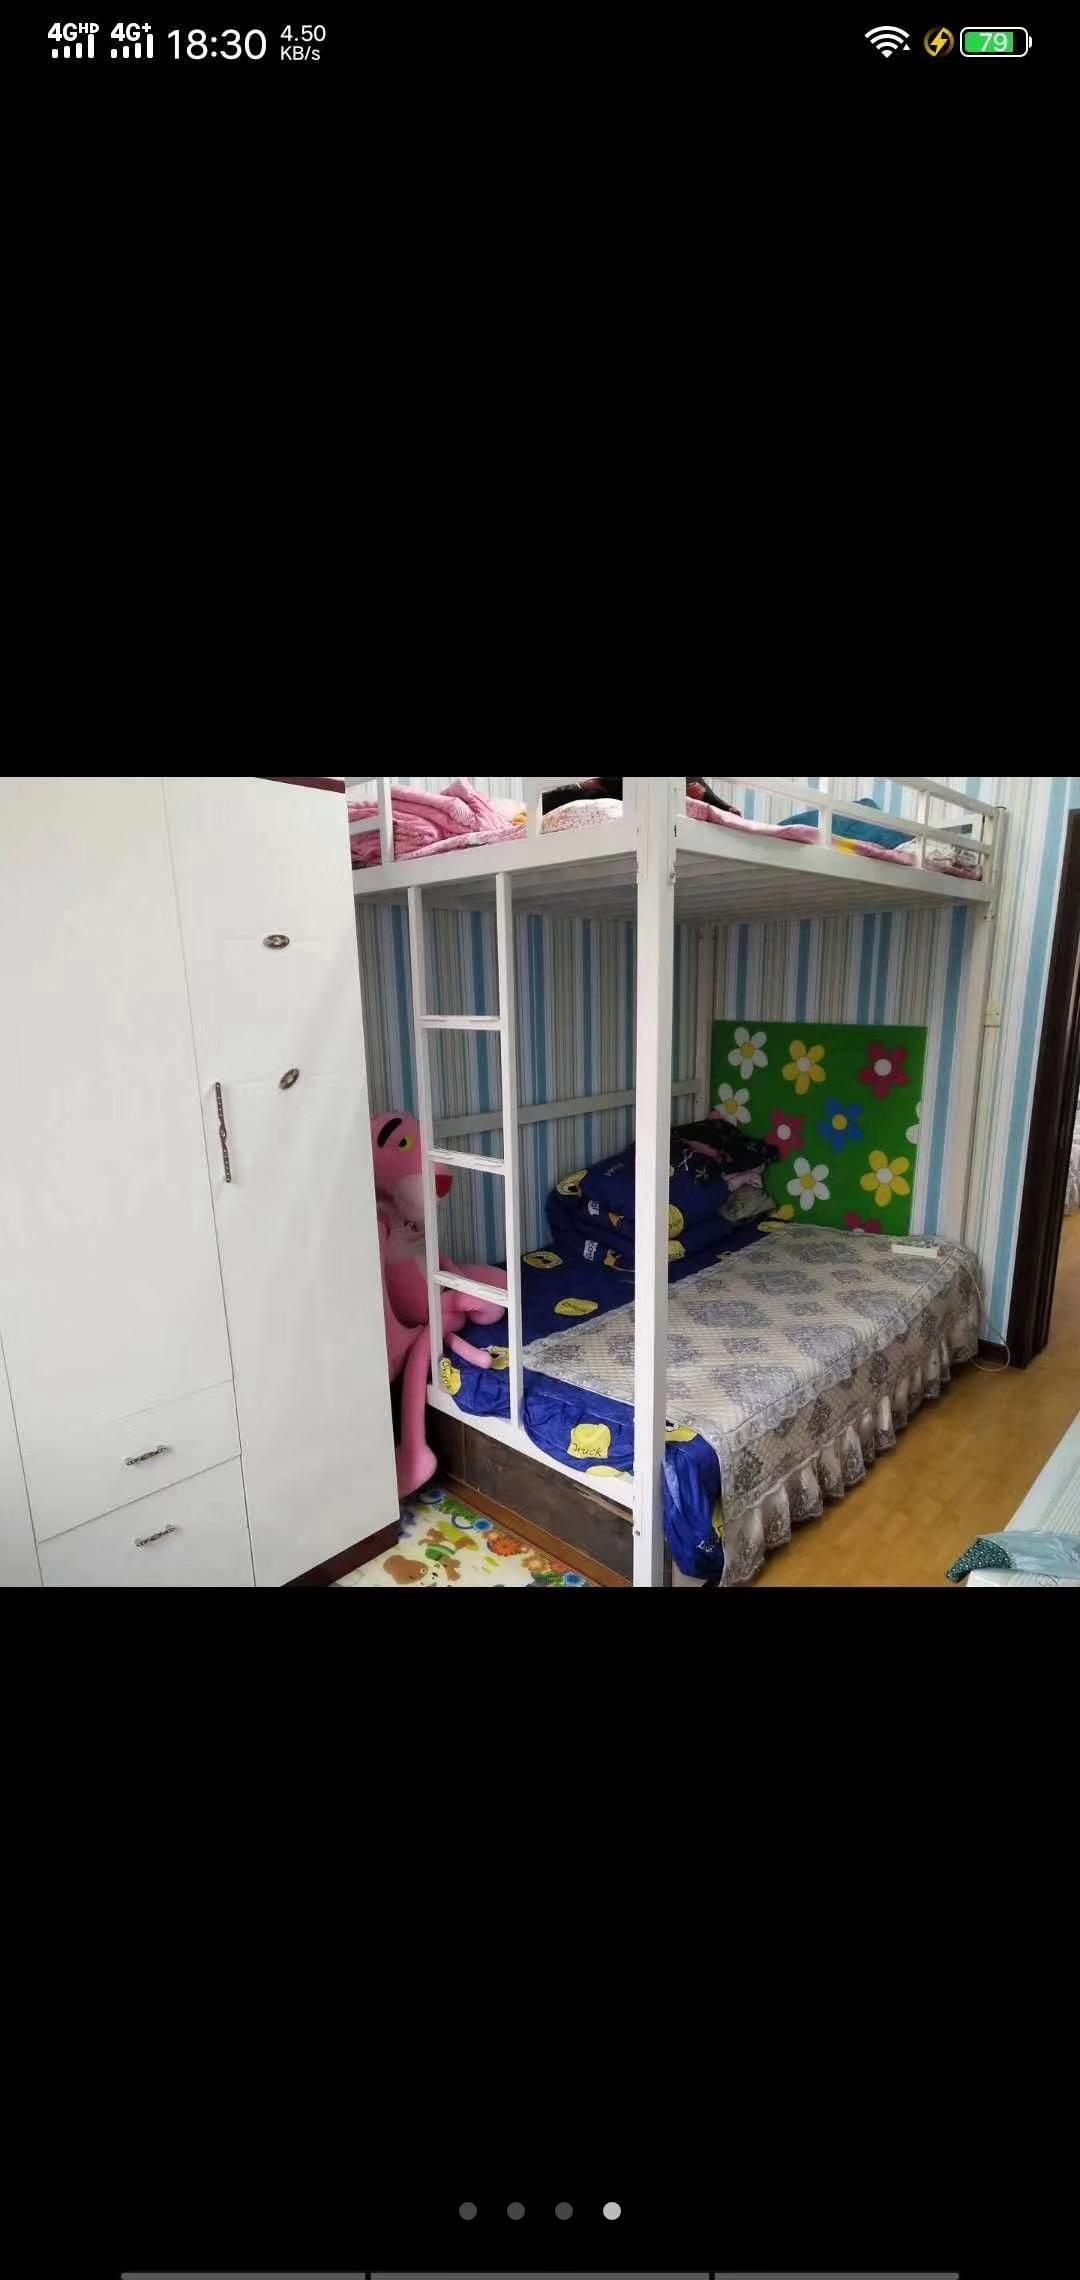 朝阳镇永安小区2室 1厅 1卫47万元